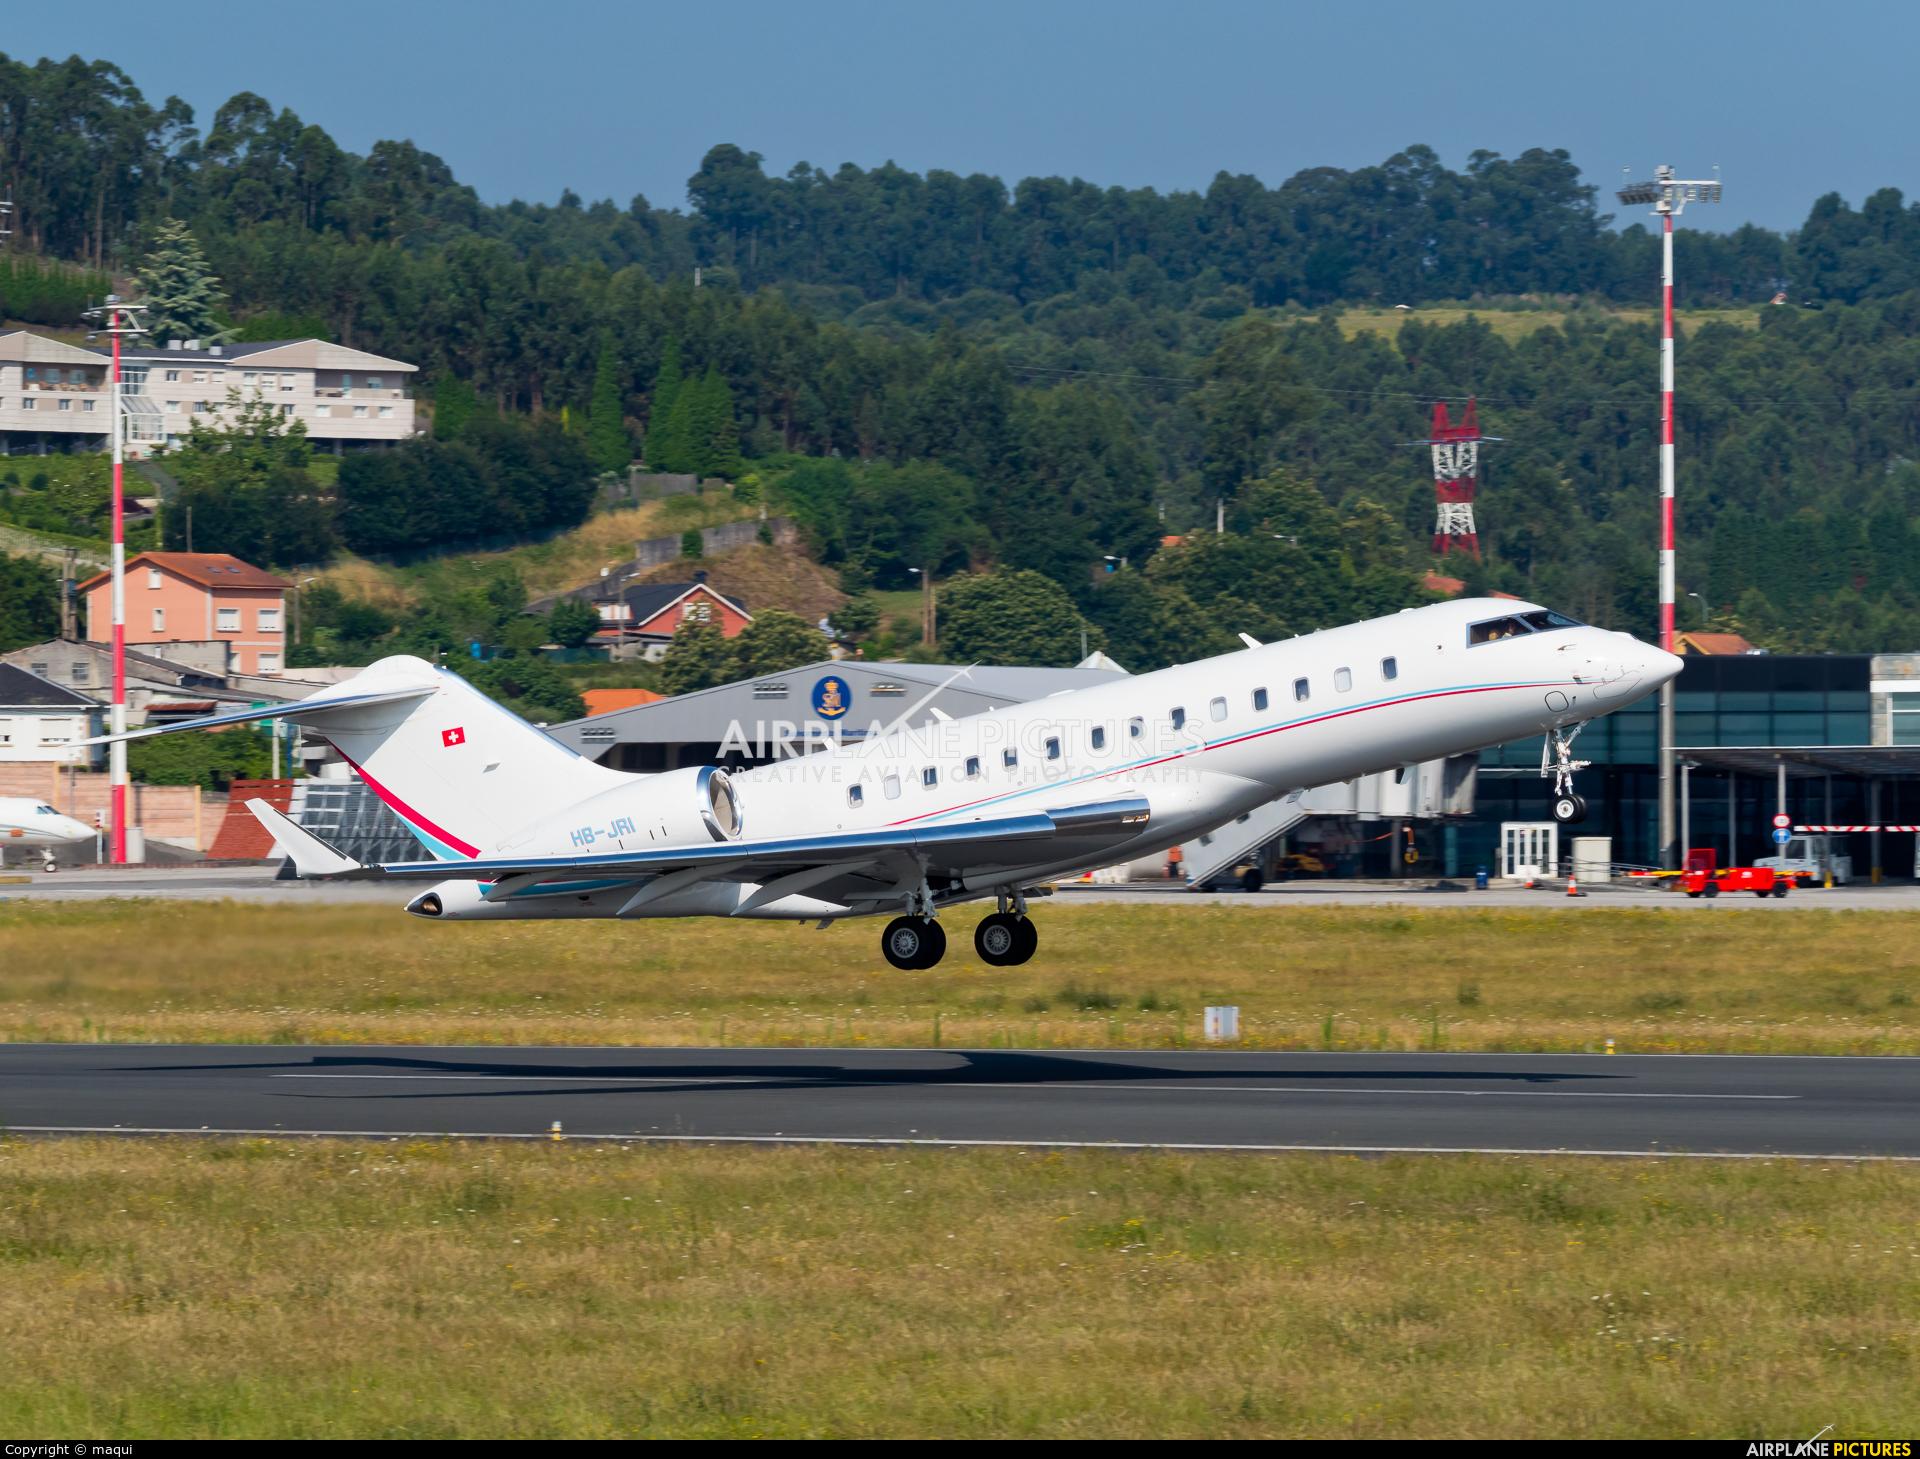 Execujet Europa AS HB-JRI aircraft at La Coruña